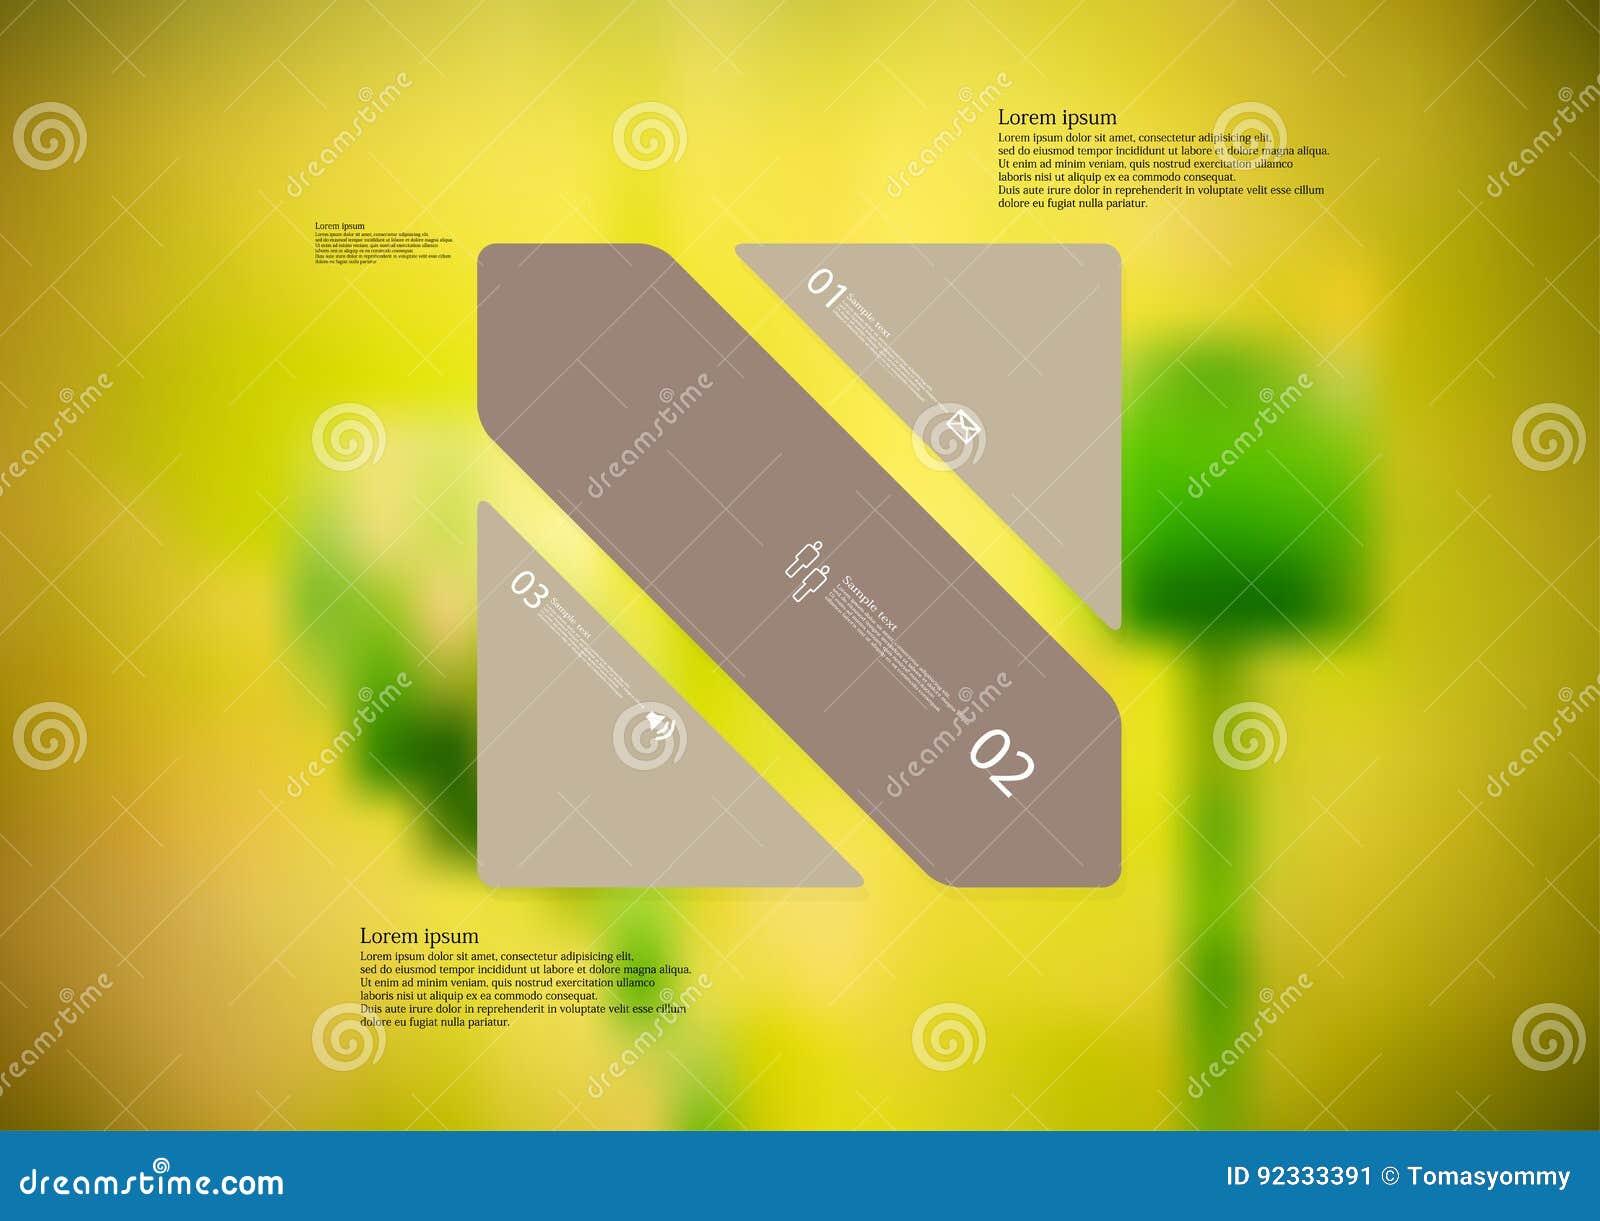 Molde infographic da ilustração com o oblíquo do retângulo dividido a três porções marrons autônomas